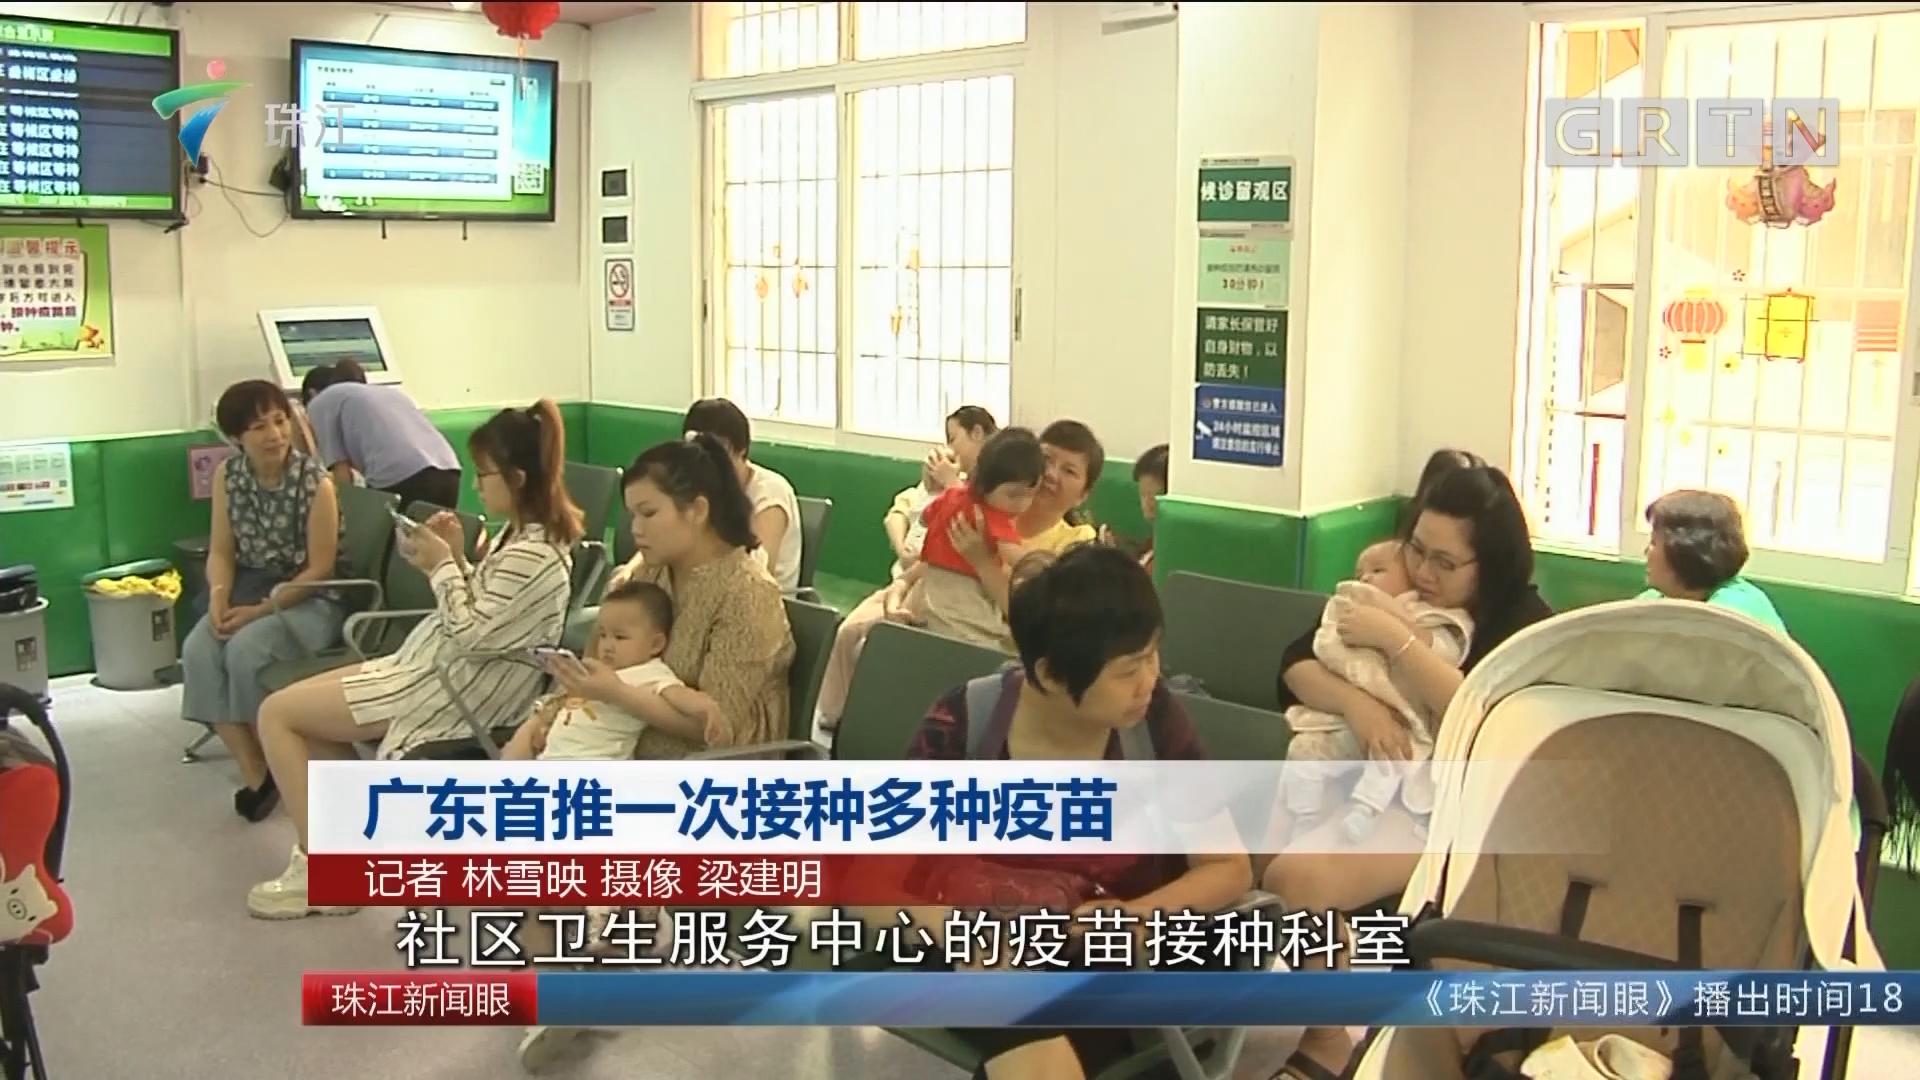 广东首推一次接种多种疫苗